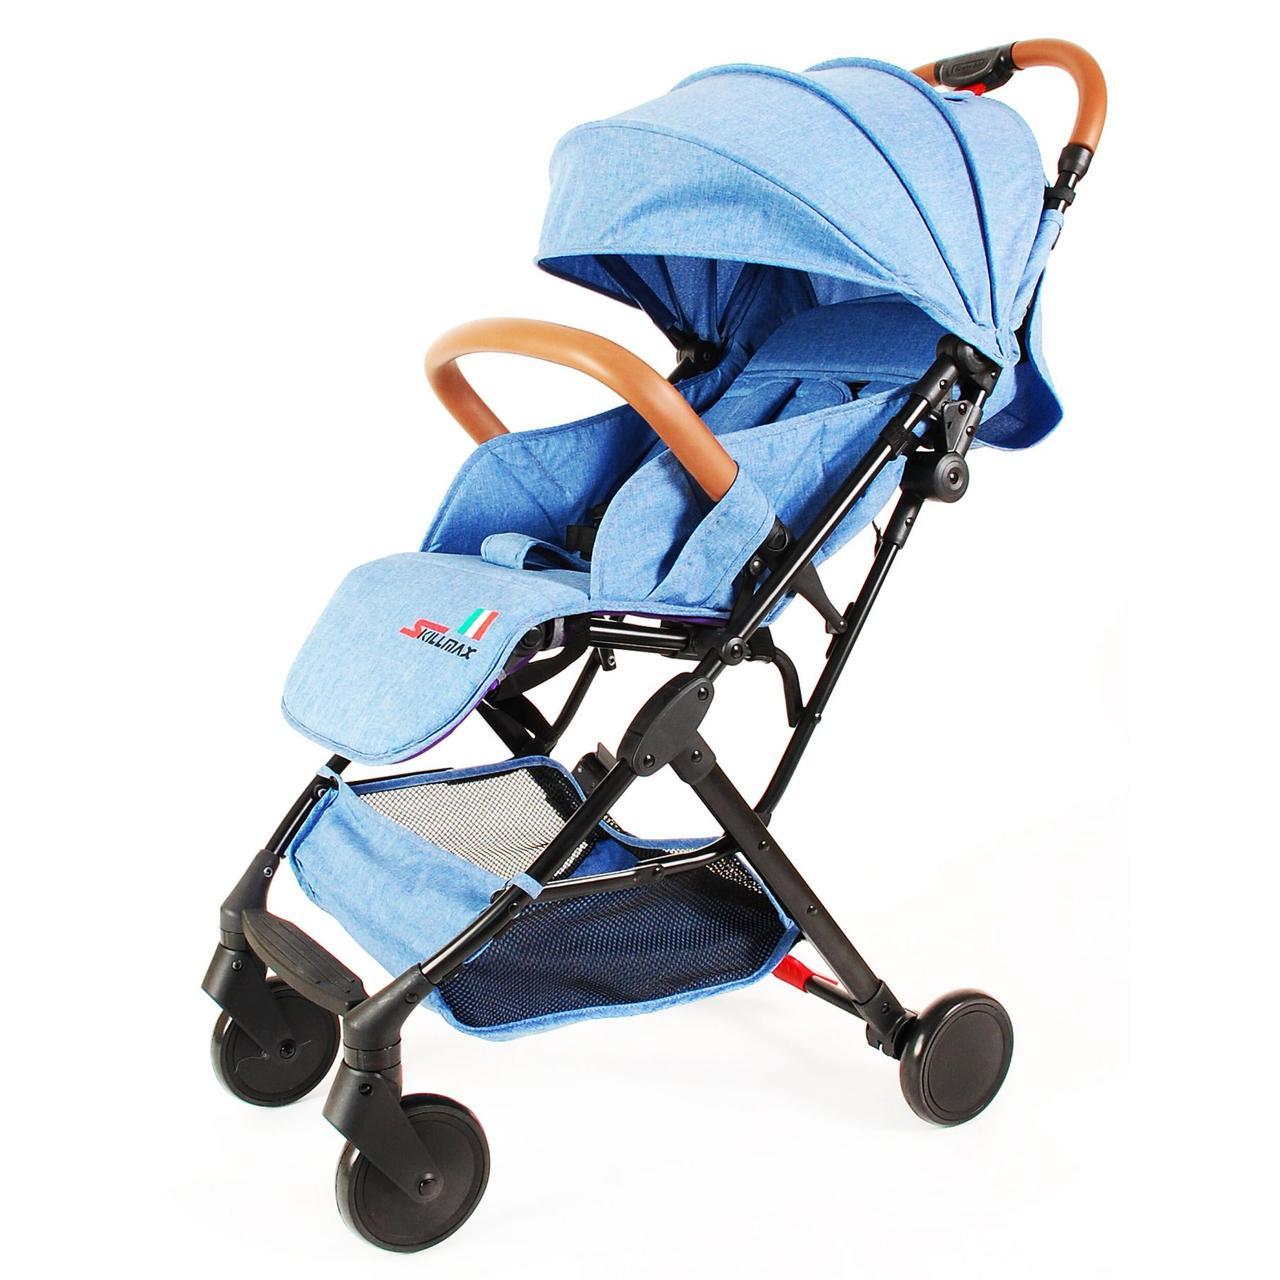 Прогулочная коляска Skillmax TL- BLX 20 голубой ( blue)